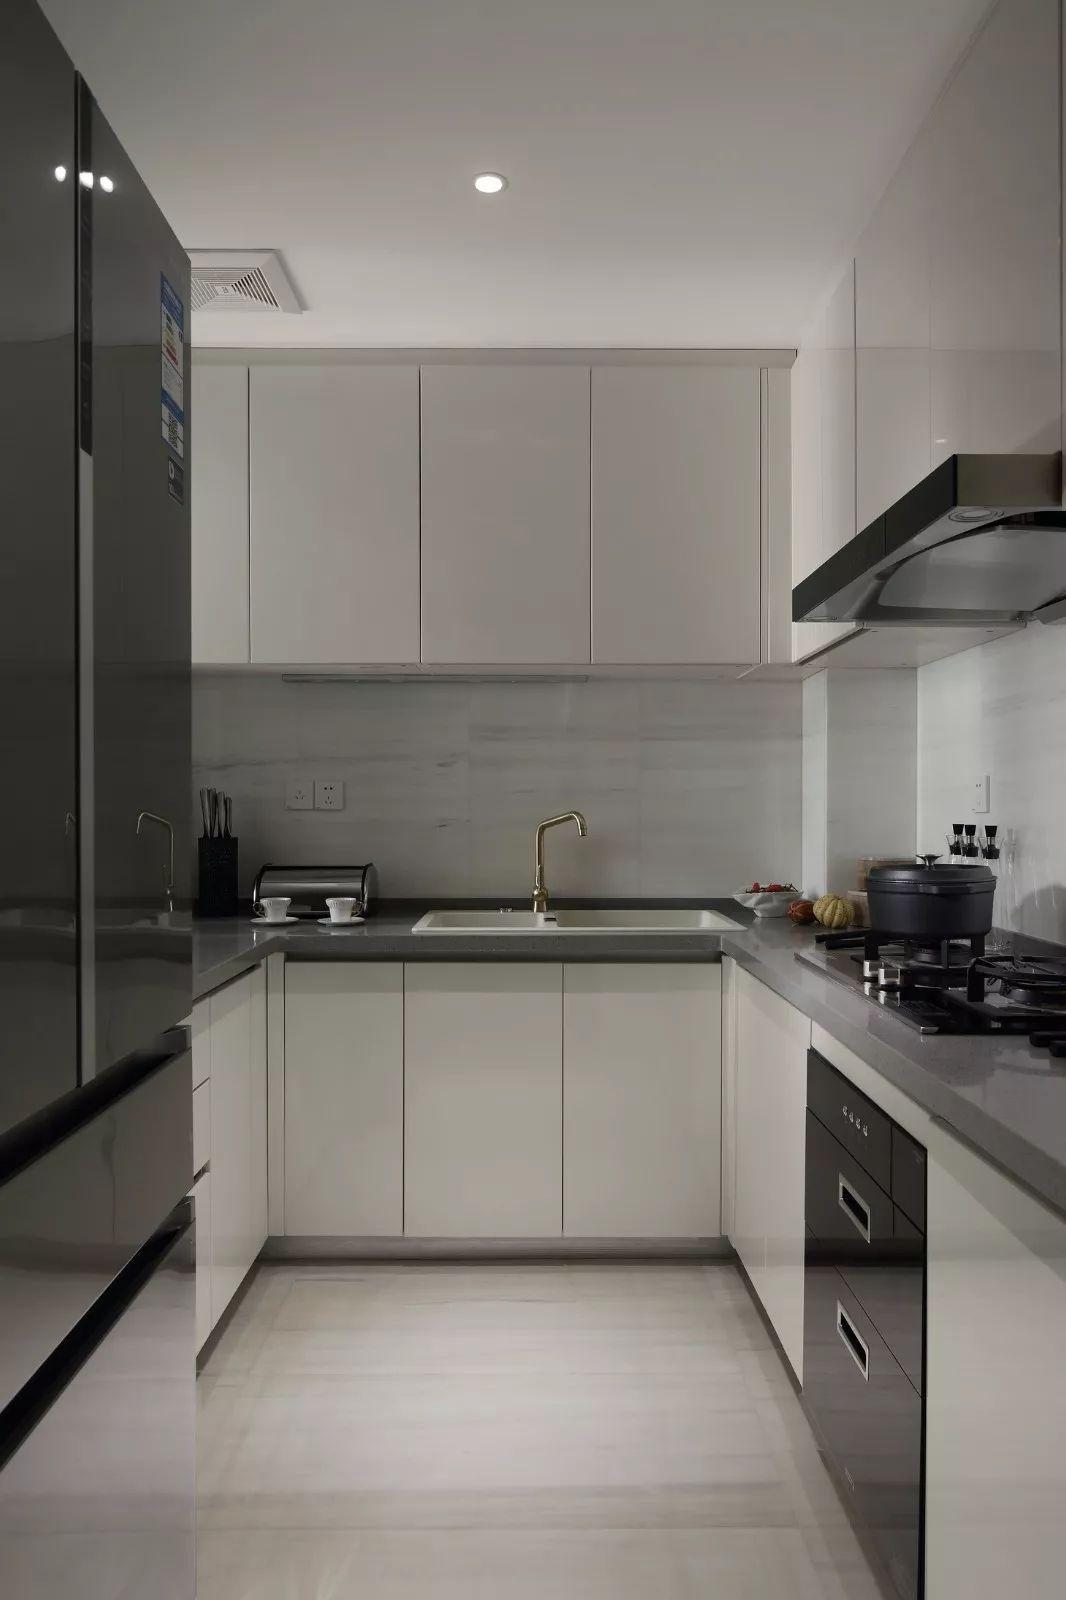 厨房中的每项工作来说,并非这一高度都非常舒适